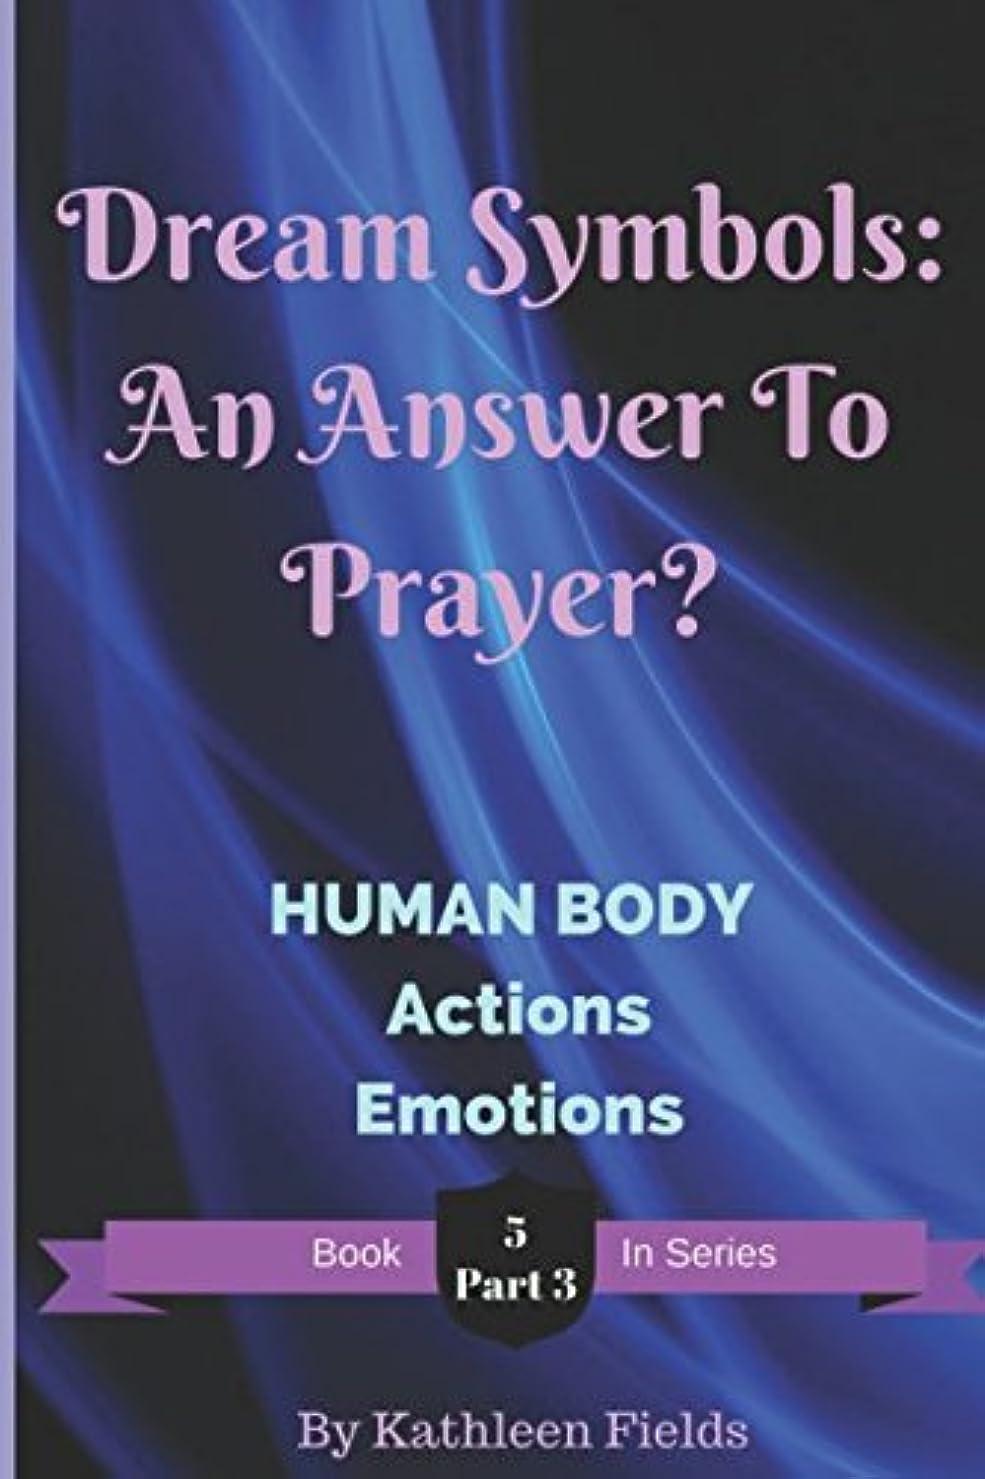 始まり最大好ましいDream Symbols: An Answer to Prayer? Human Body - Part 3: Volume 5 - Part 3 - Human Body - Actions and Emotions